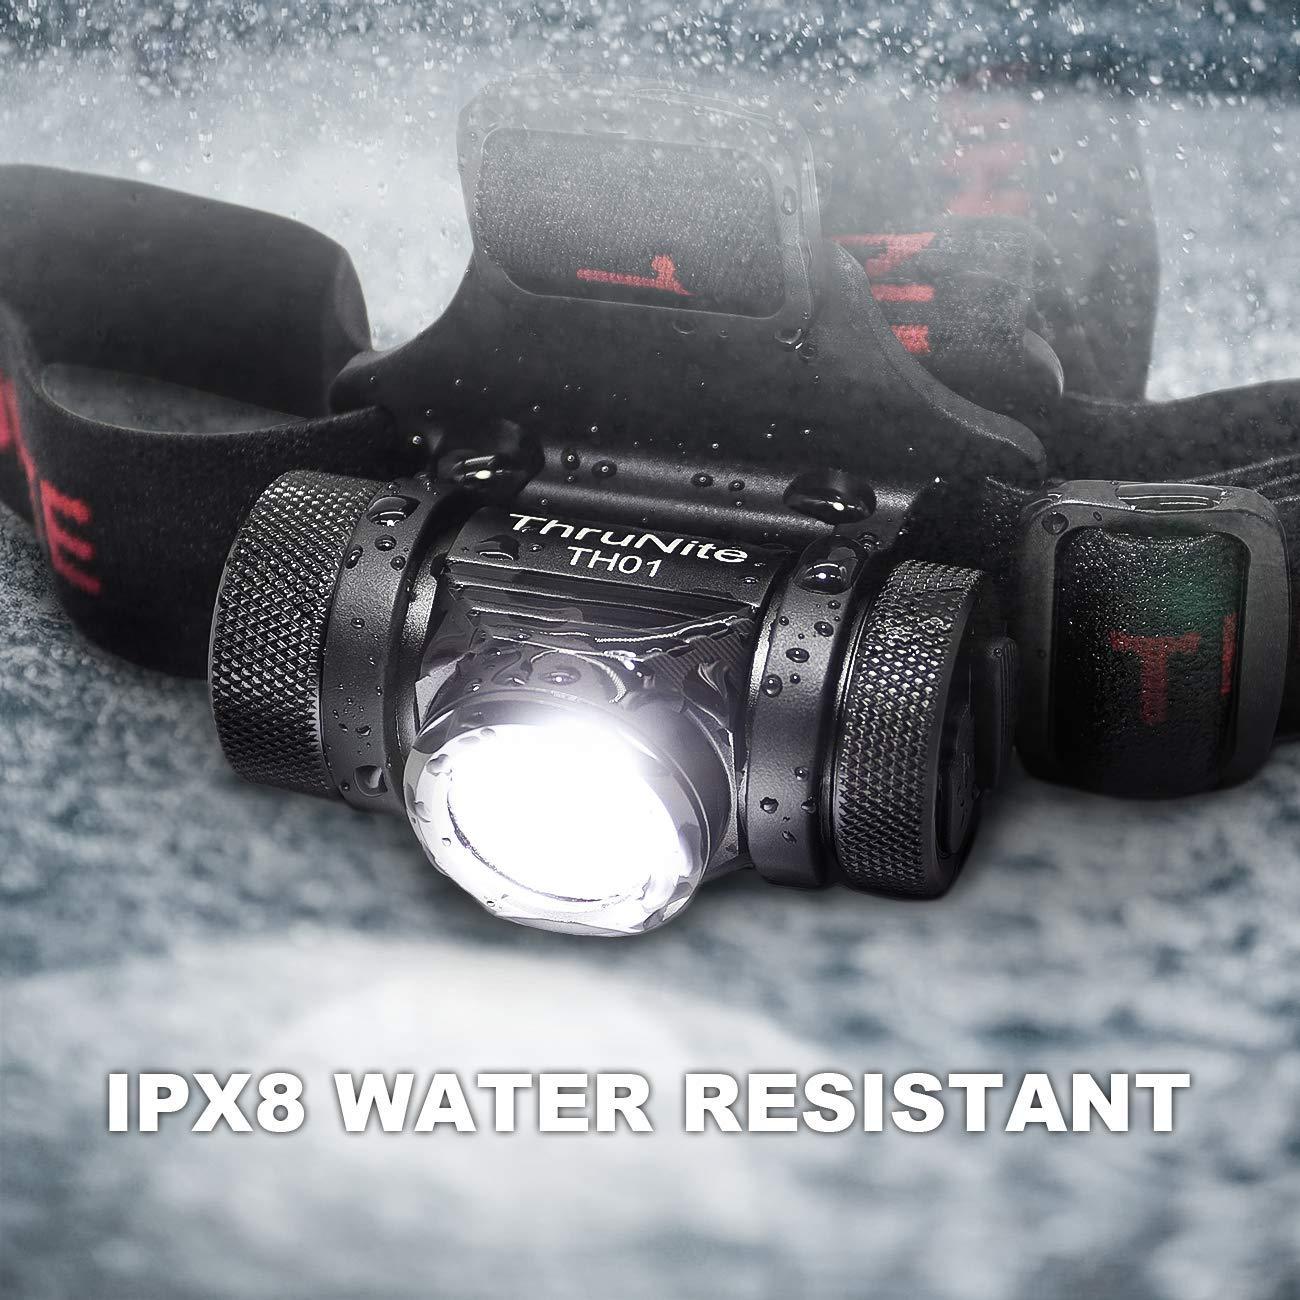 Blanc Neutre NW ThruNite TH01 Lampe Frontale,Torche Frontale LED Rechargeable de 1 500 lumens,CREE XHP50 avec batterie 18350,Lampes Frontales /Étanche IPX-8 pour P/êche,Camping,Randonn/ée P/édestre